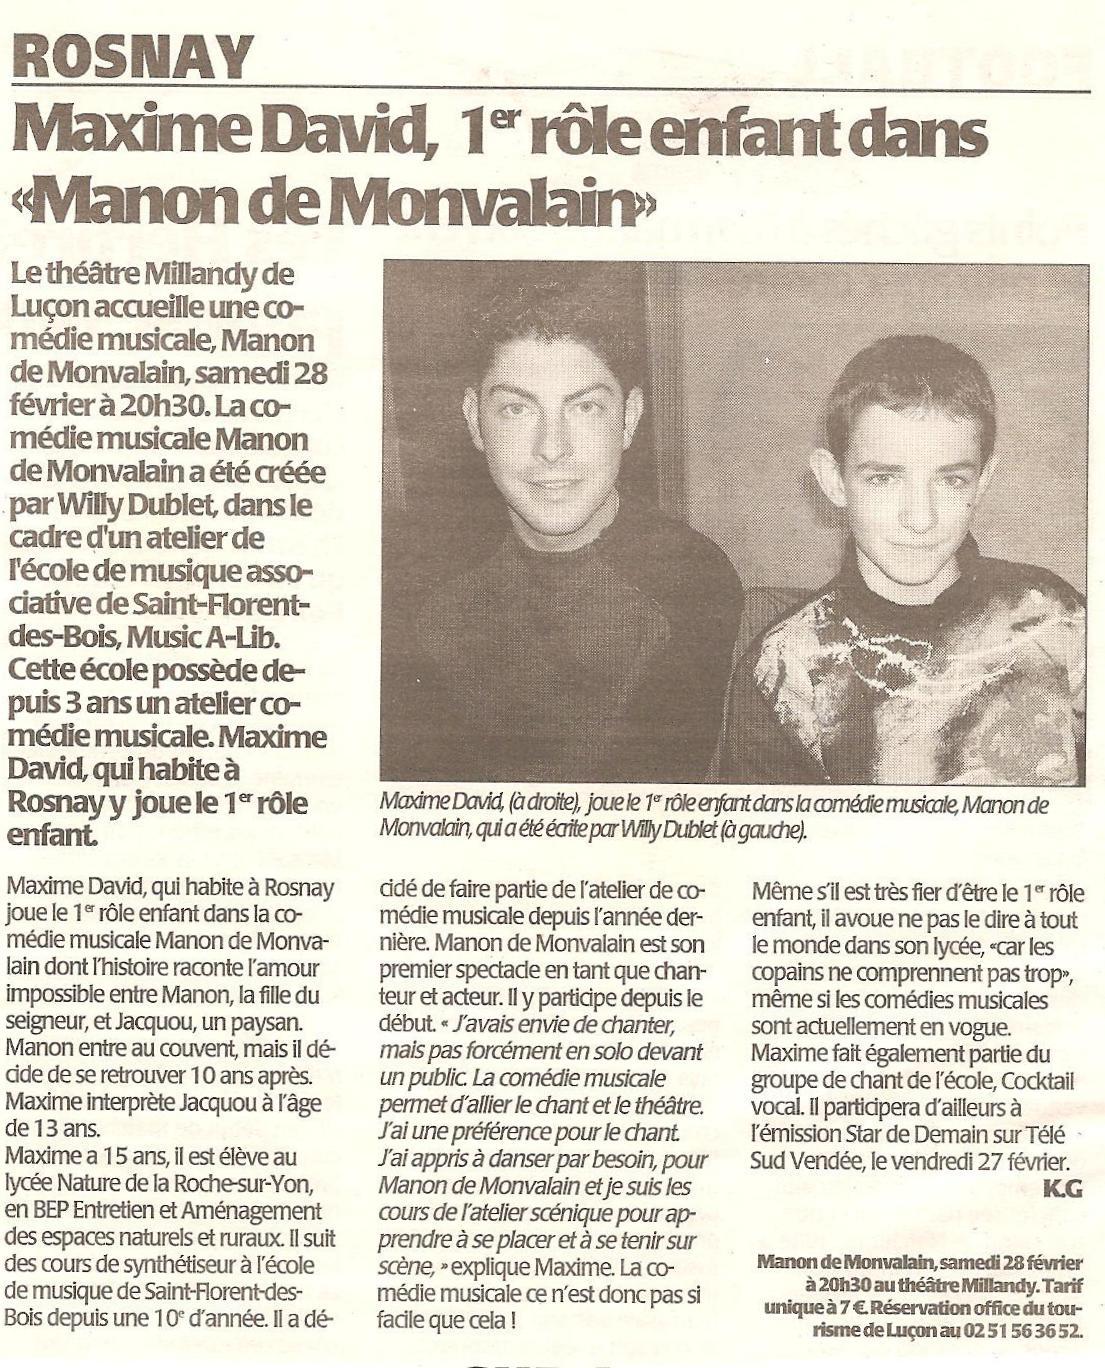 Article Manon de Monvalain